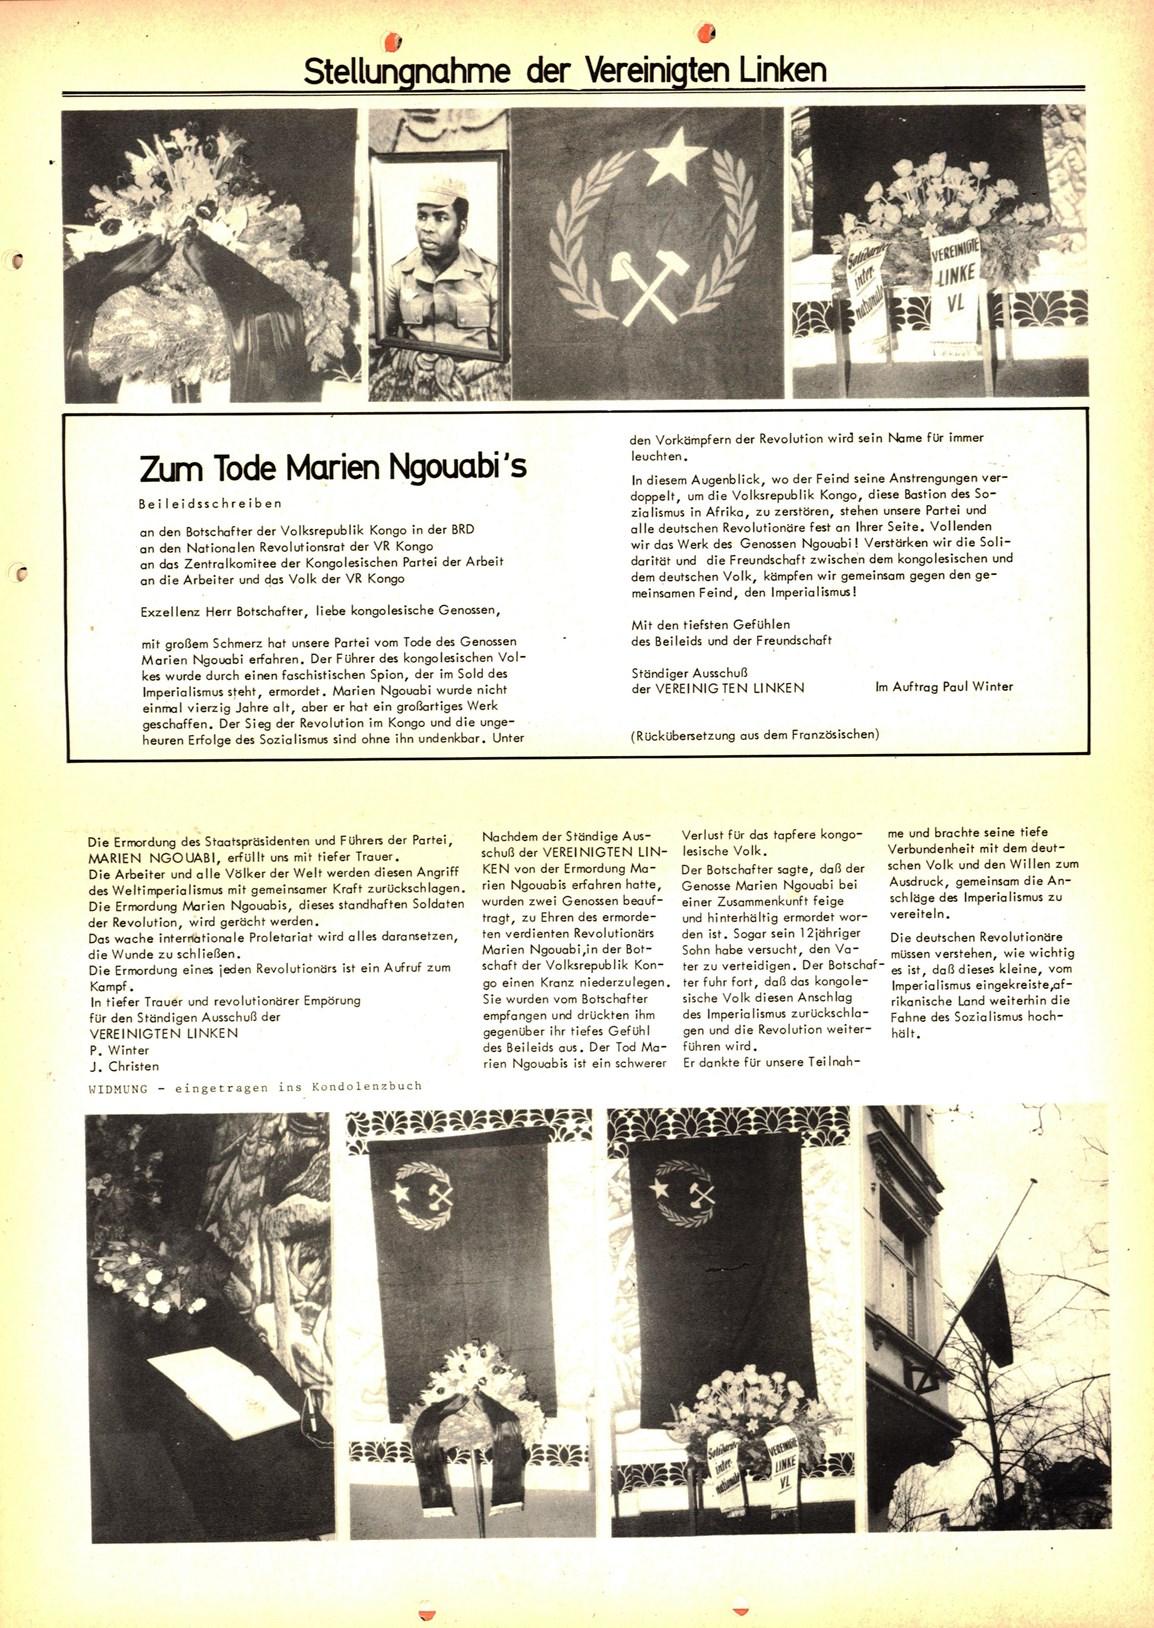 Koeln_IPdA_Einheit_1977_013_021